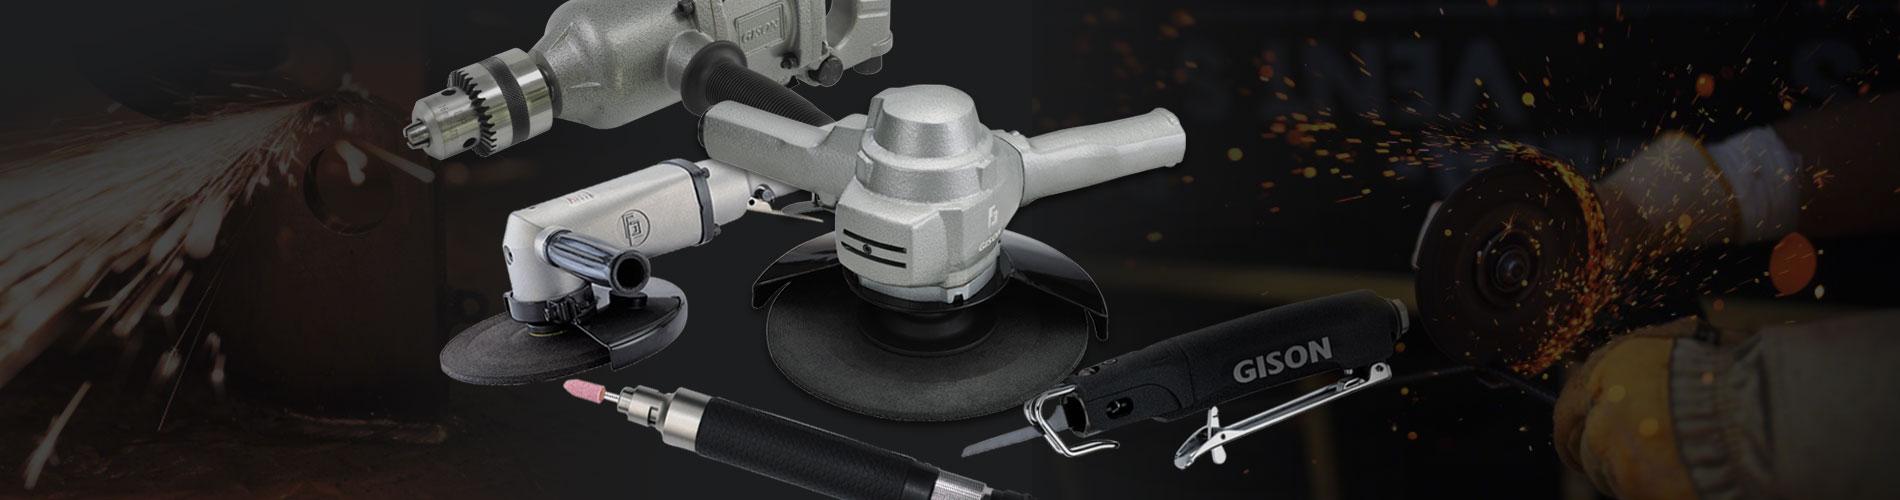 金属加工空気圧工具 砥石に適用し、 金属の切断と穴あけ